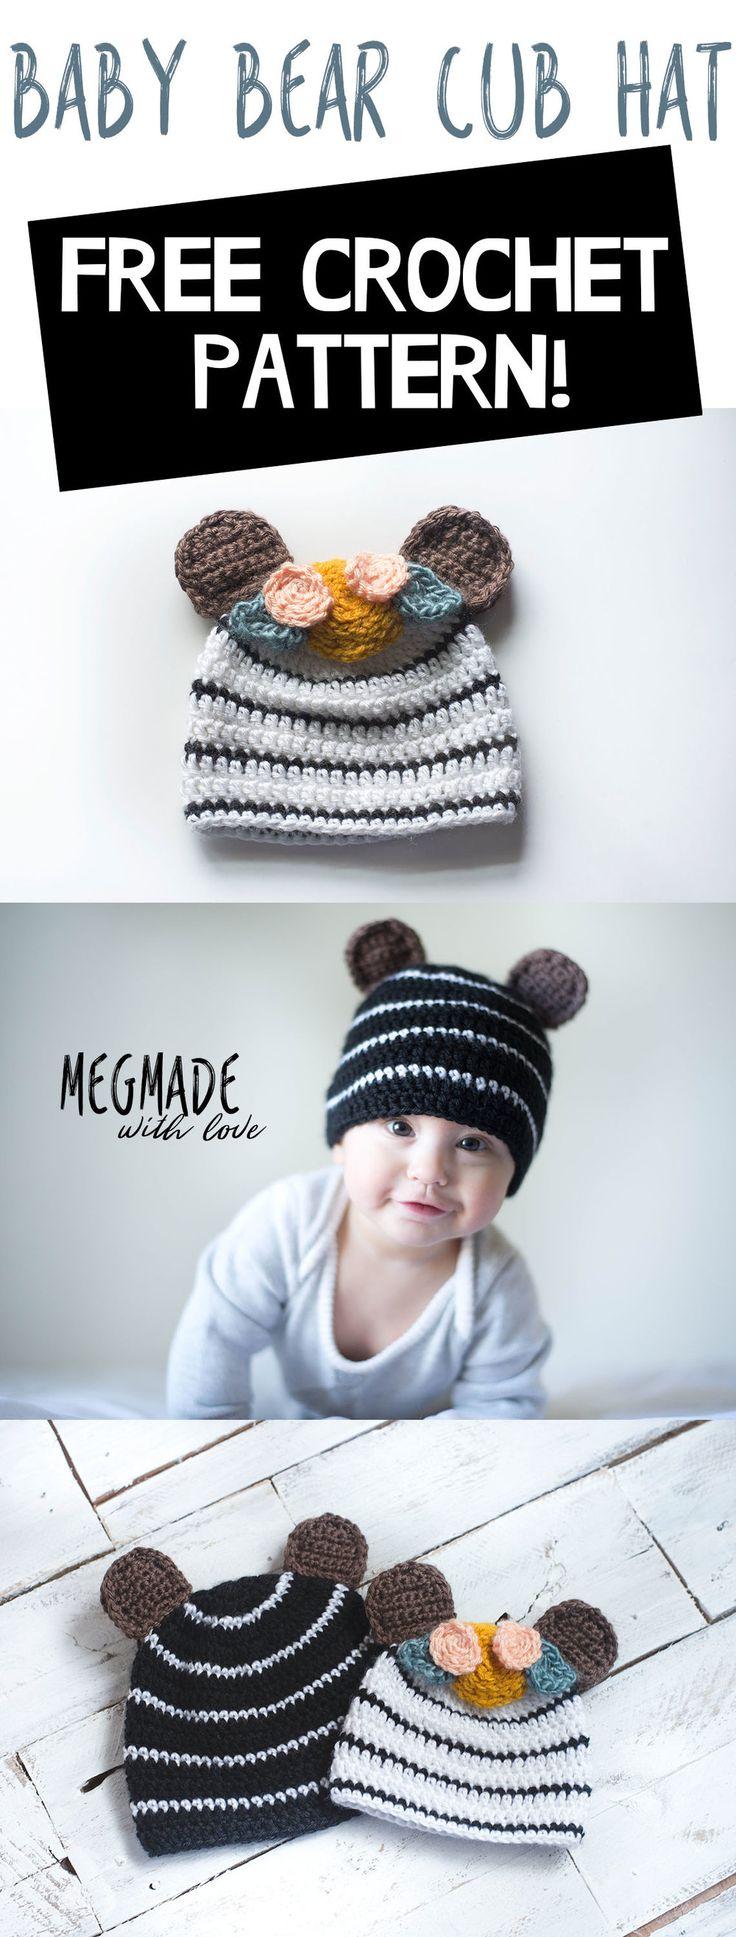 Free Crochet Pattern for Baby Bear Cub Hat